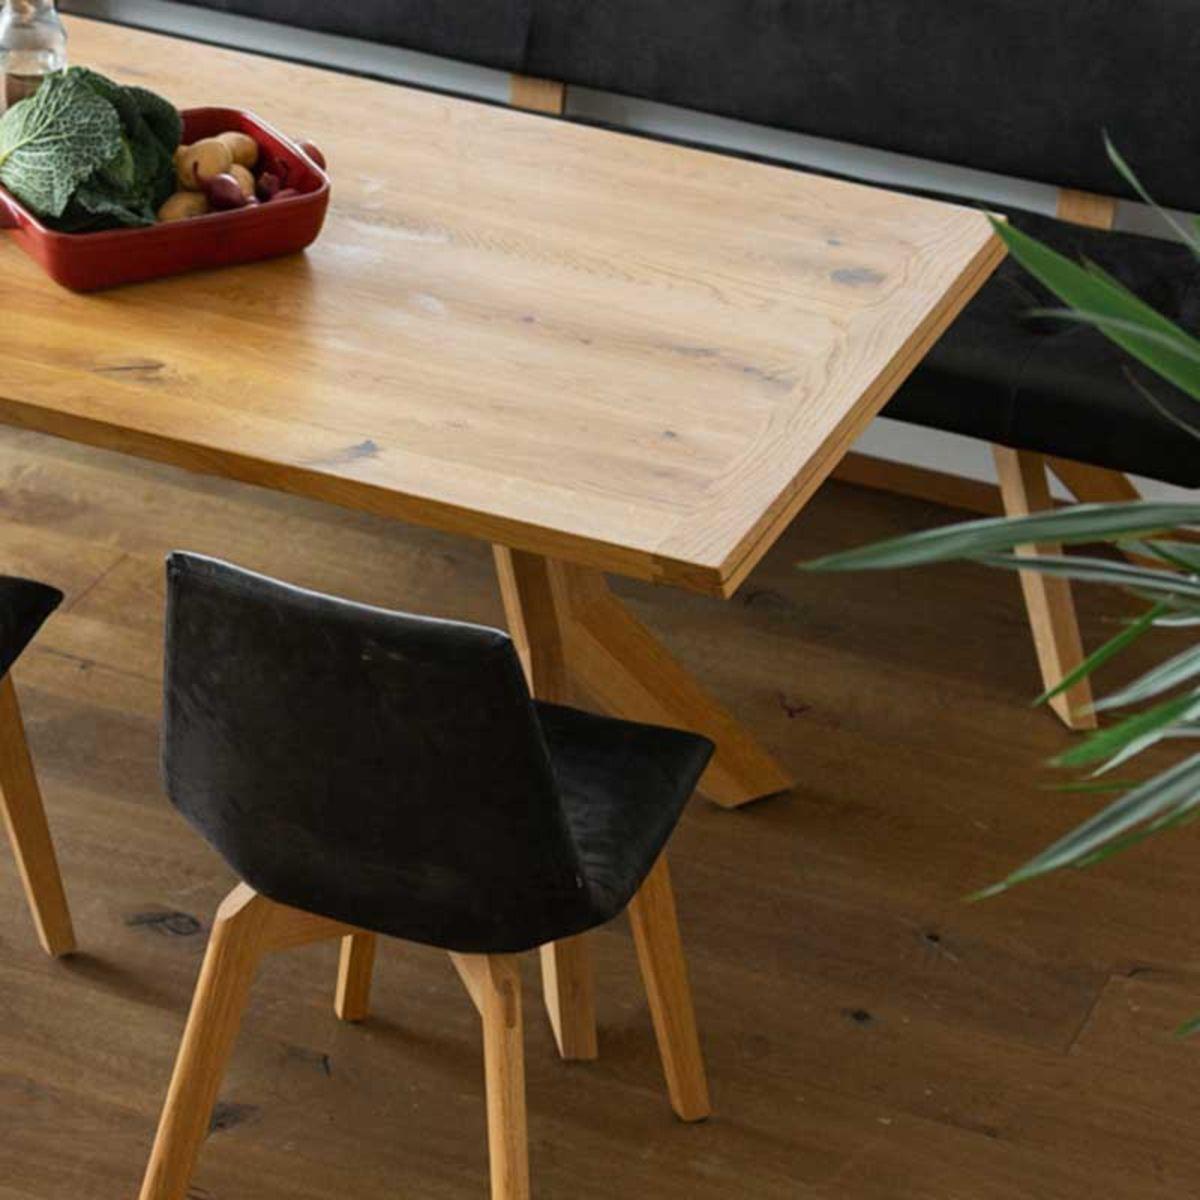 yps Tisch und Bank mit lui Stühlen von TEAM 7 Linz